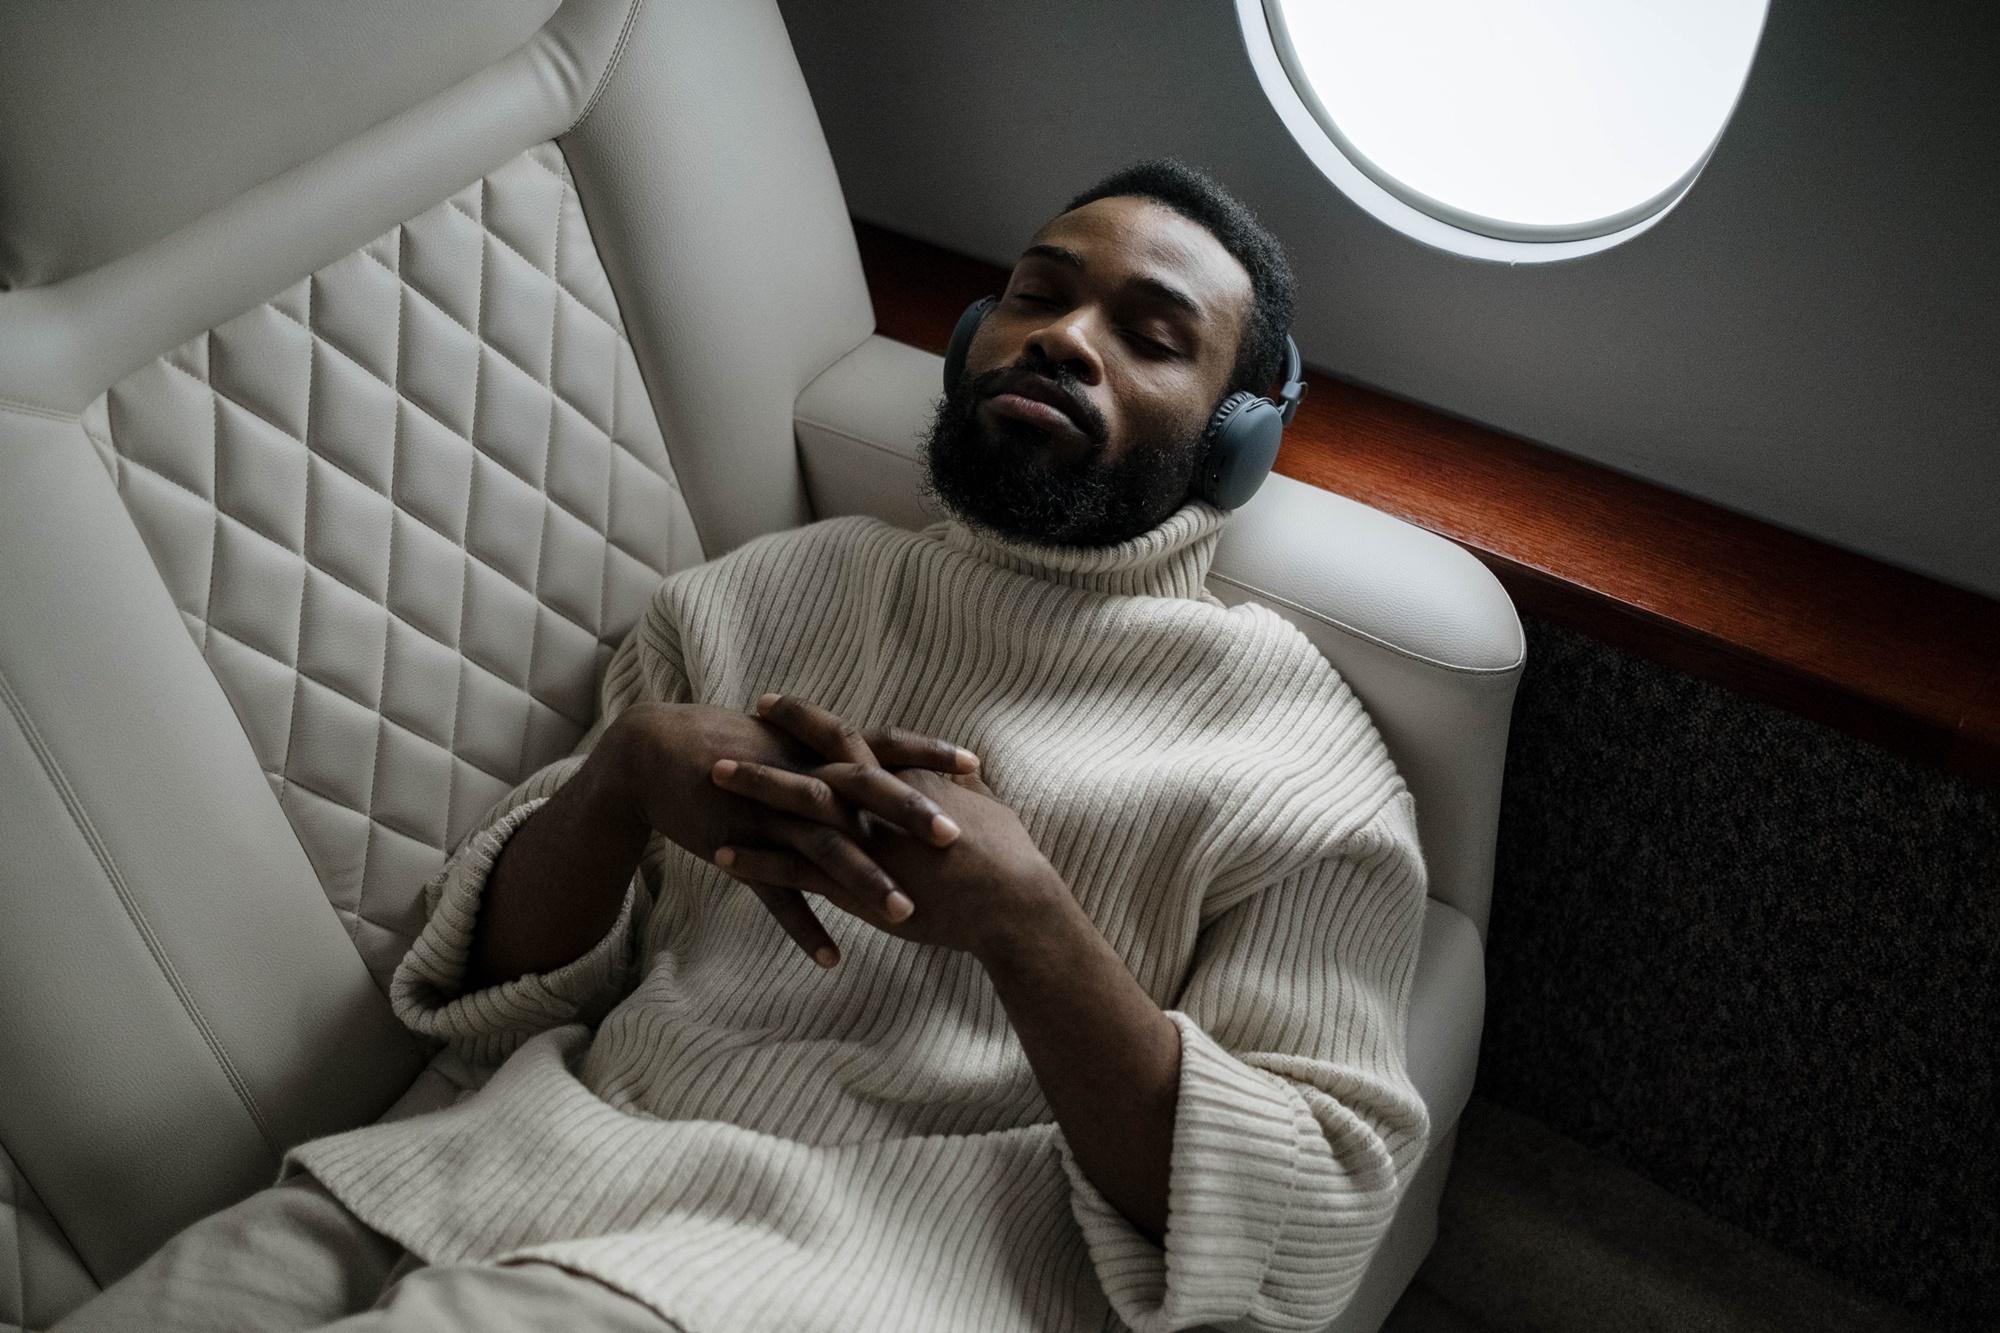 Mann schläft im Flugzeug mit Kopfhörern